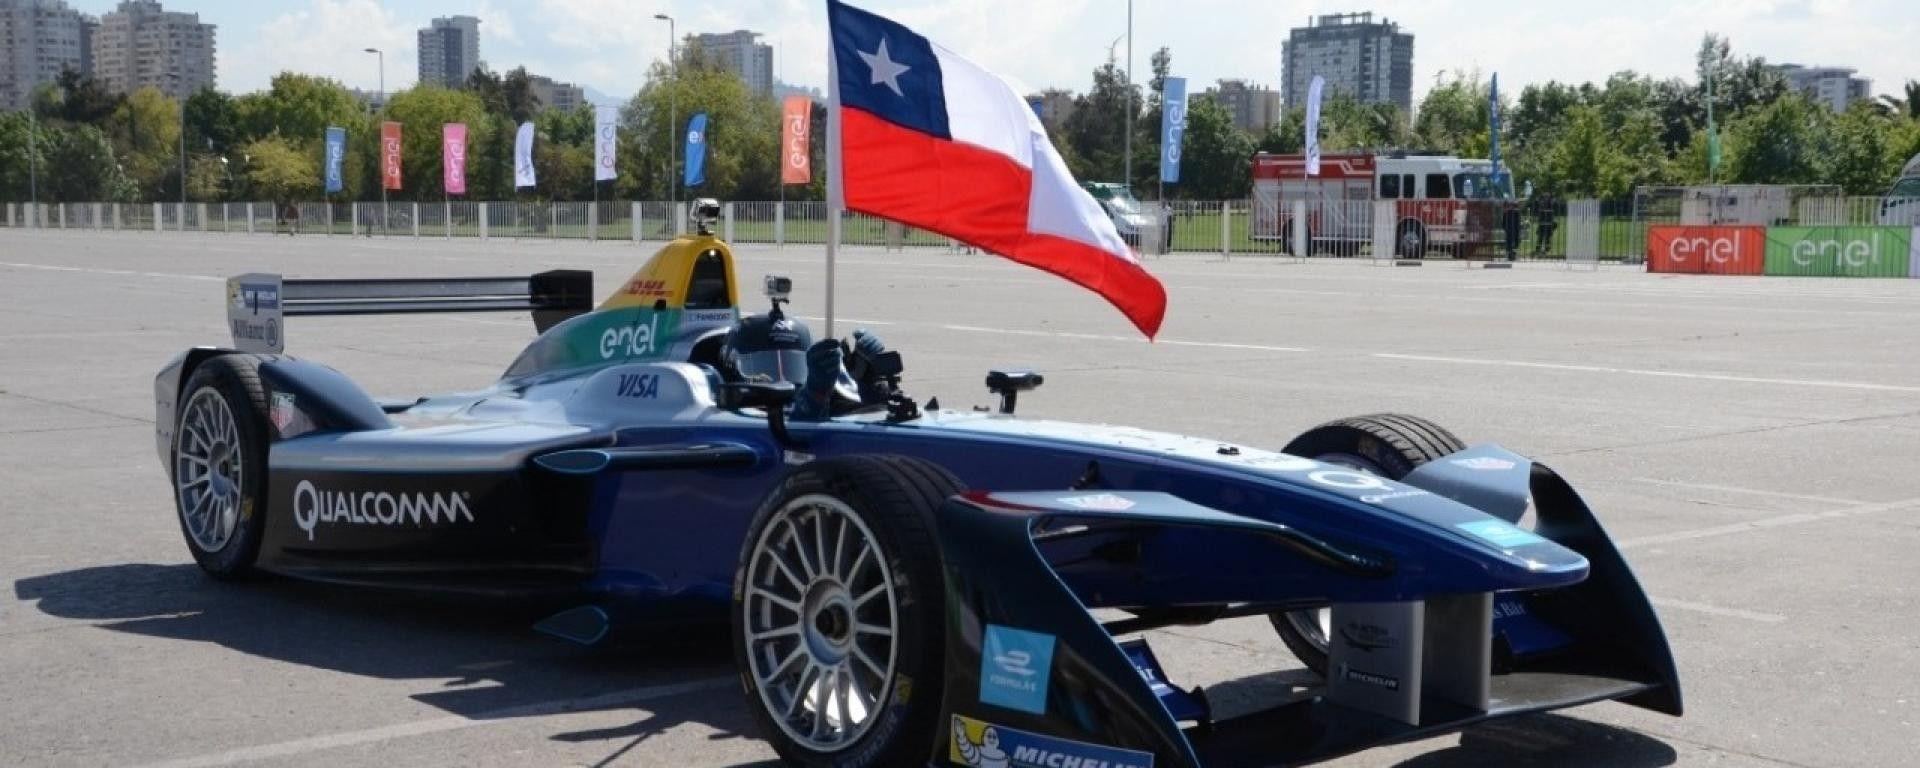 Formula E E-Prix Cile Santiago, tutte le info: orari, risultati, qualifica, gara